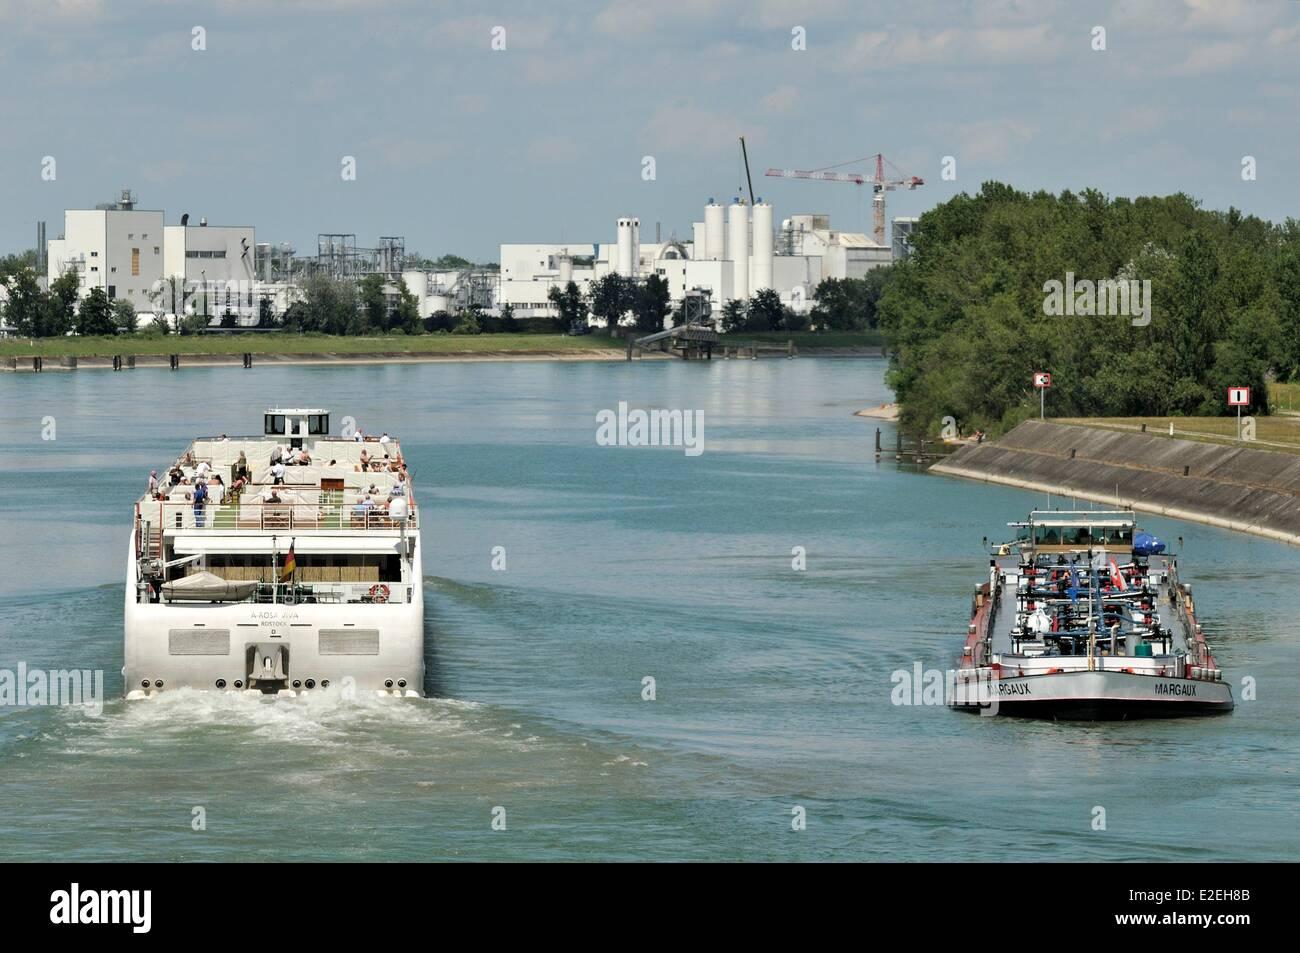 France, Bas Rhin, Marckolsheim, Grand Canal d Alsace, Marckolsheim port, ships - Stock Image